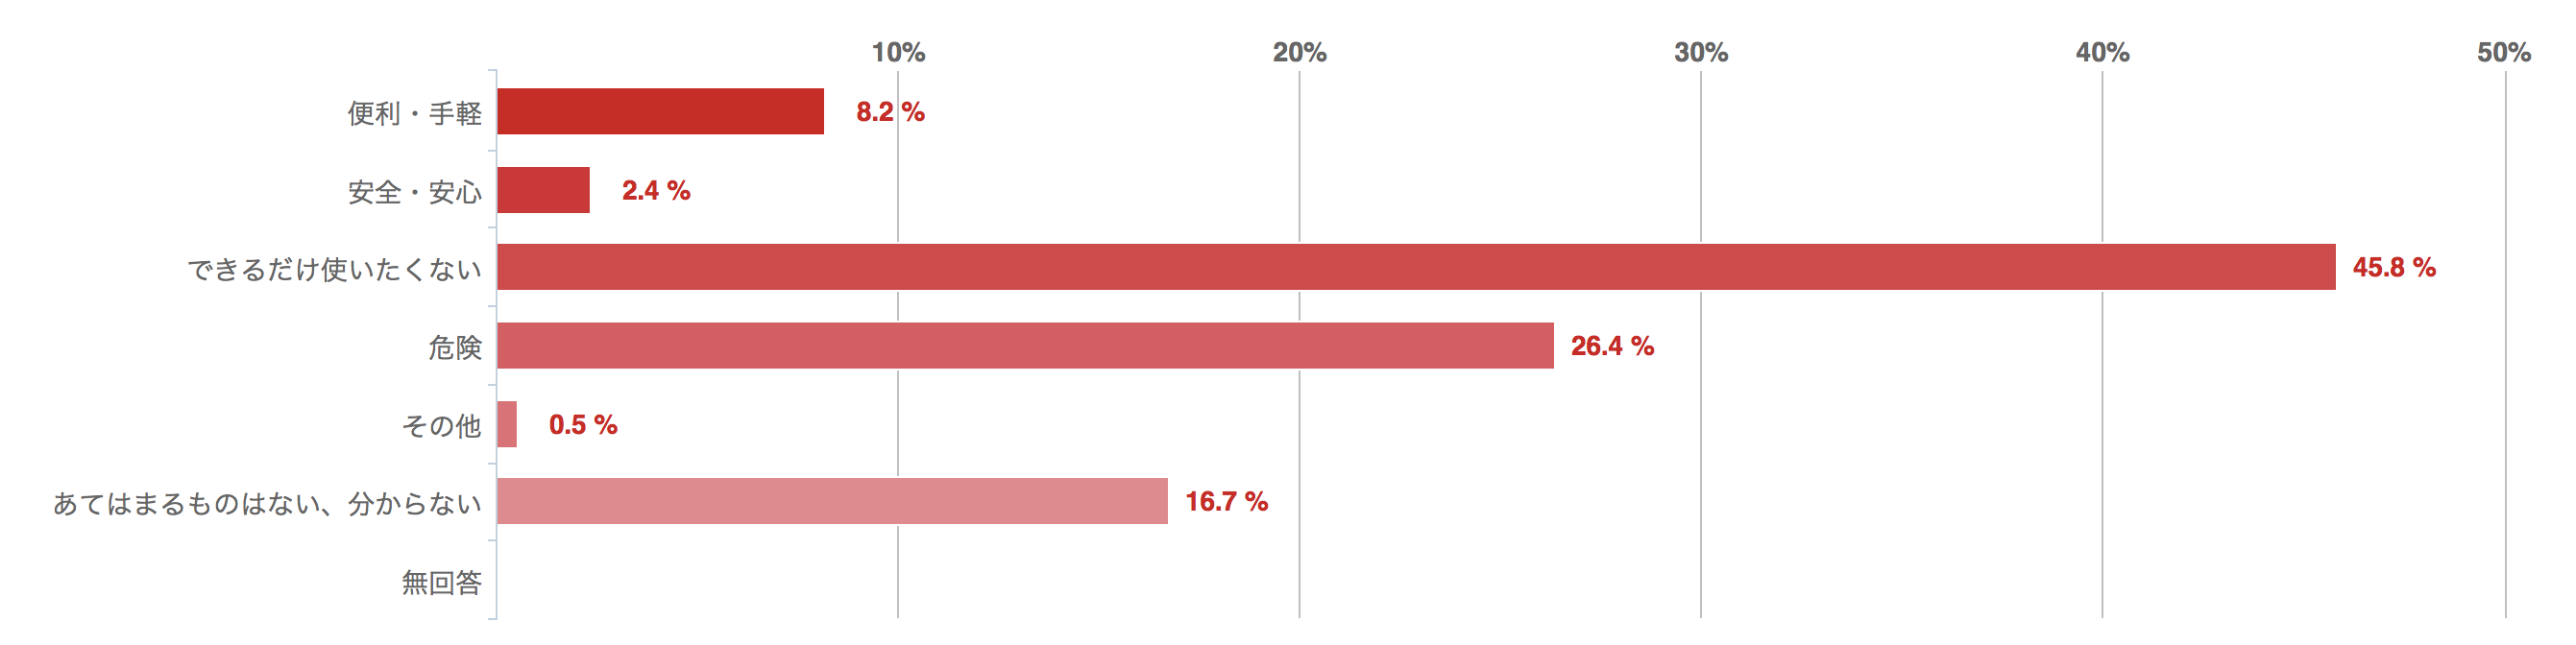 あなたが考える「カードローン」のイメージを選んでください、回答グラフ